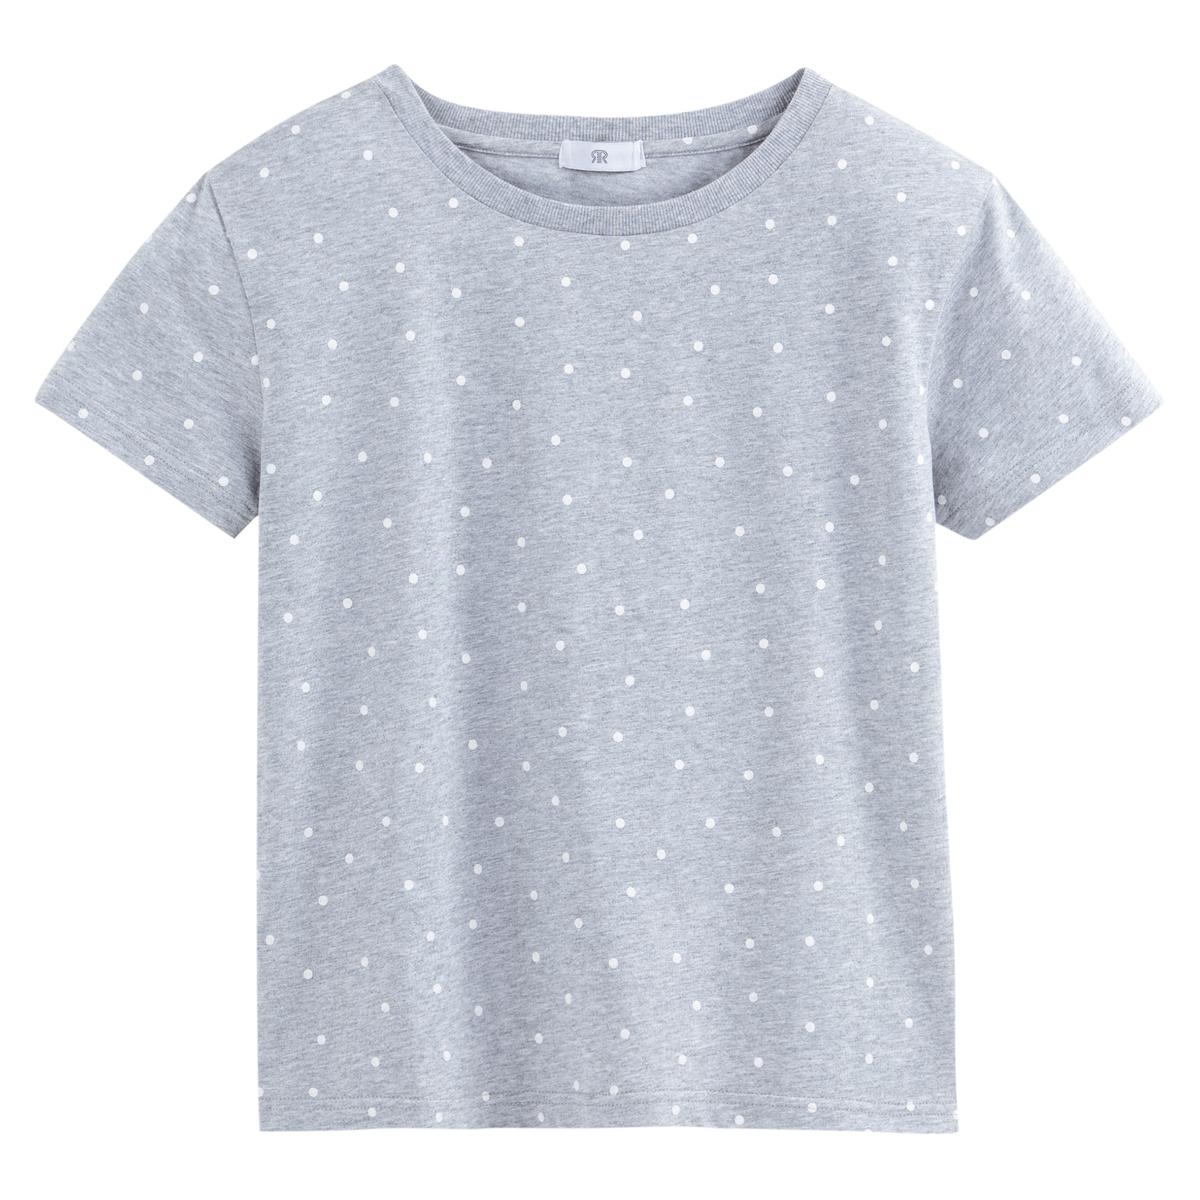 Camiseta con estampado de lunares